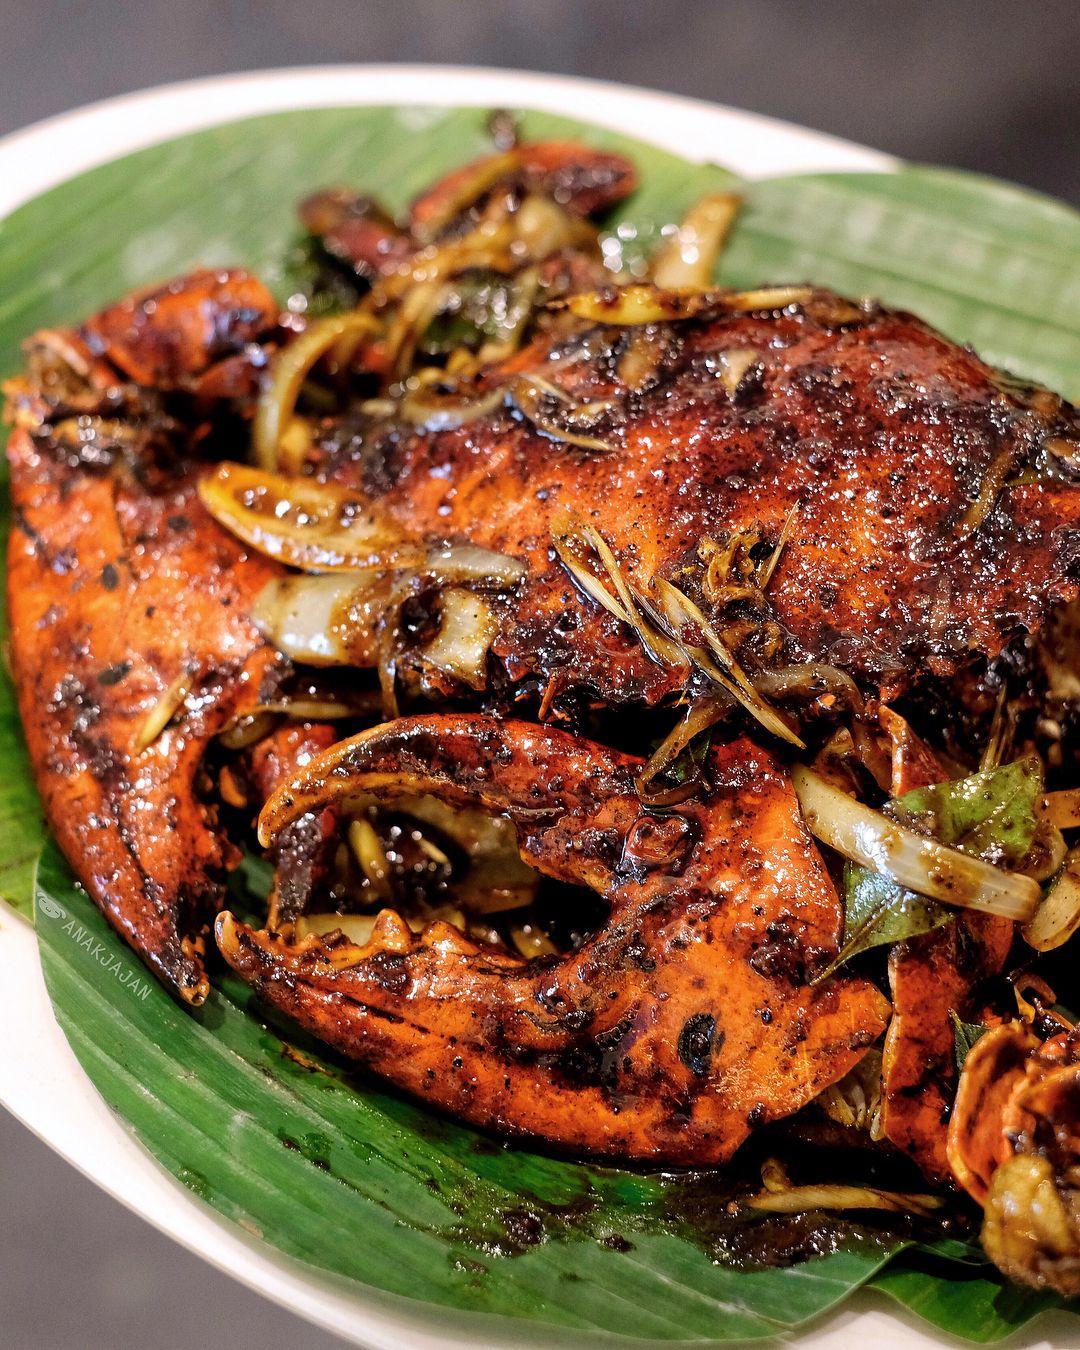 Pin Oleh Iin Syahfitri Di Crab Recipe S Makanan Laut Makanan Ayam Goreng